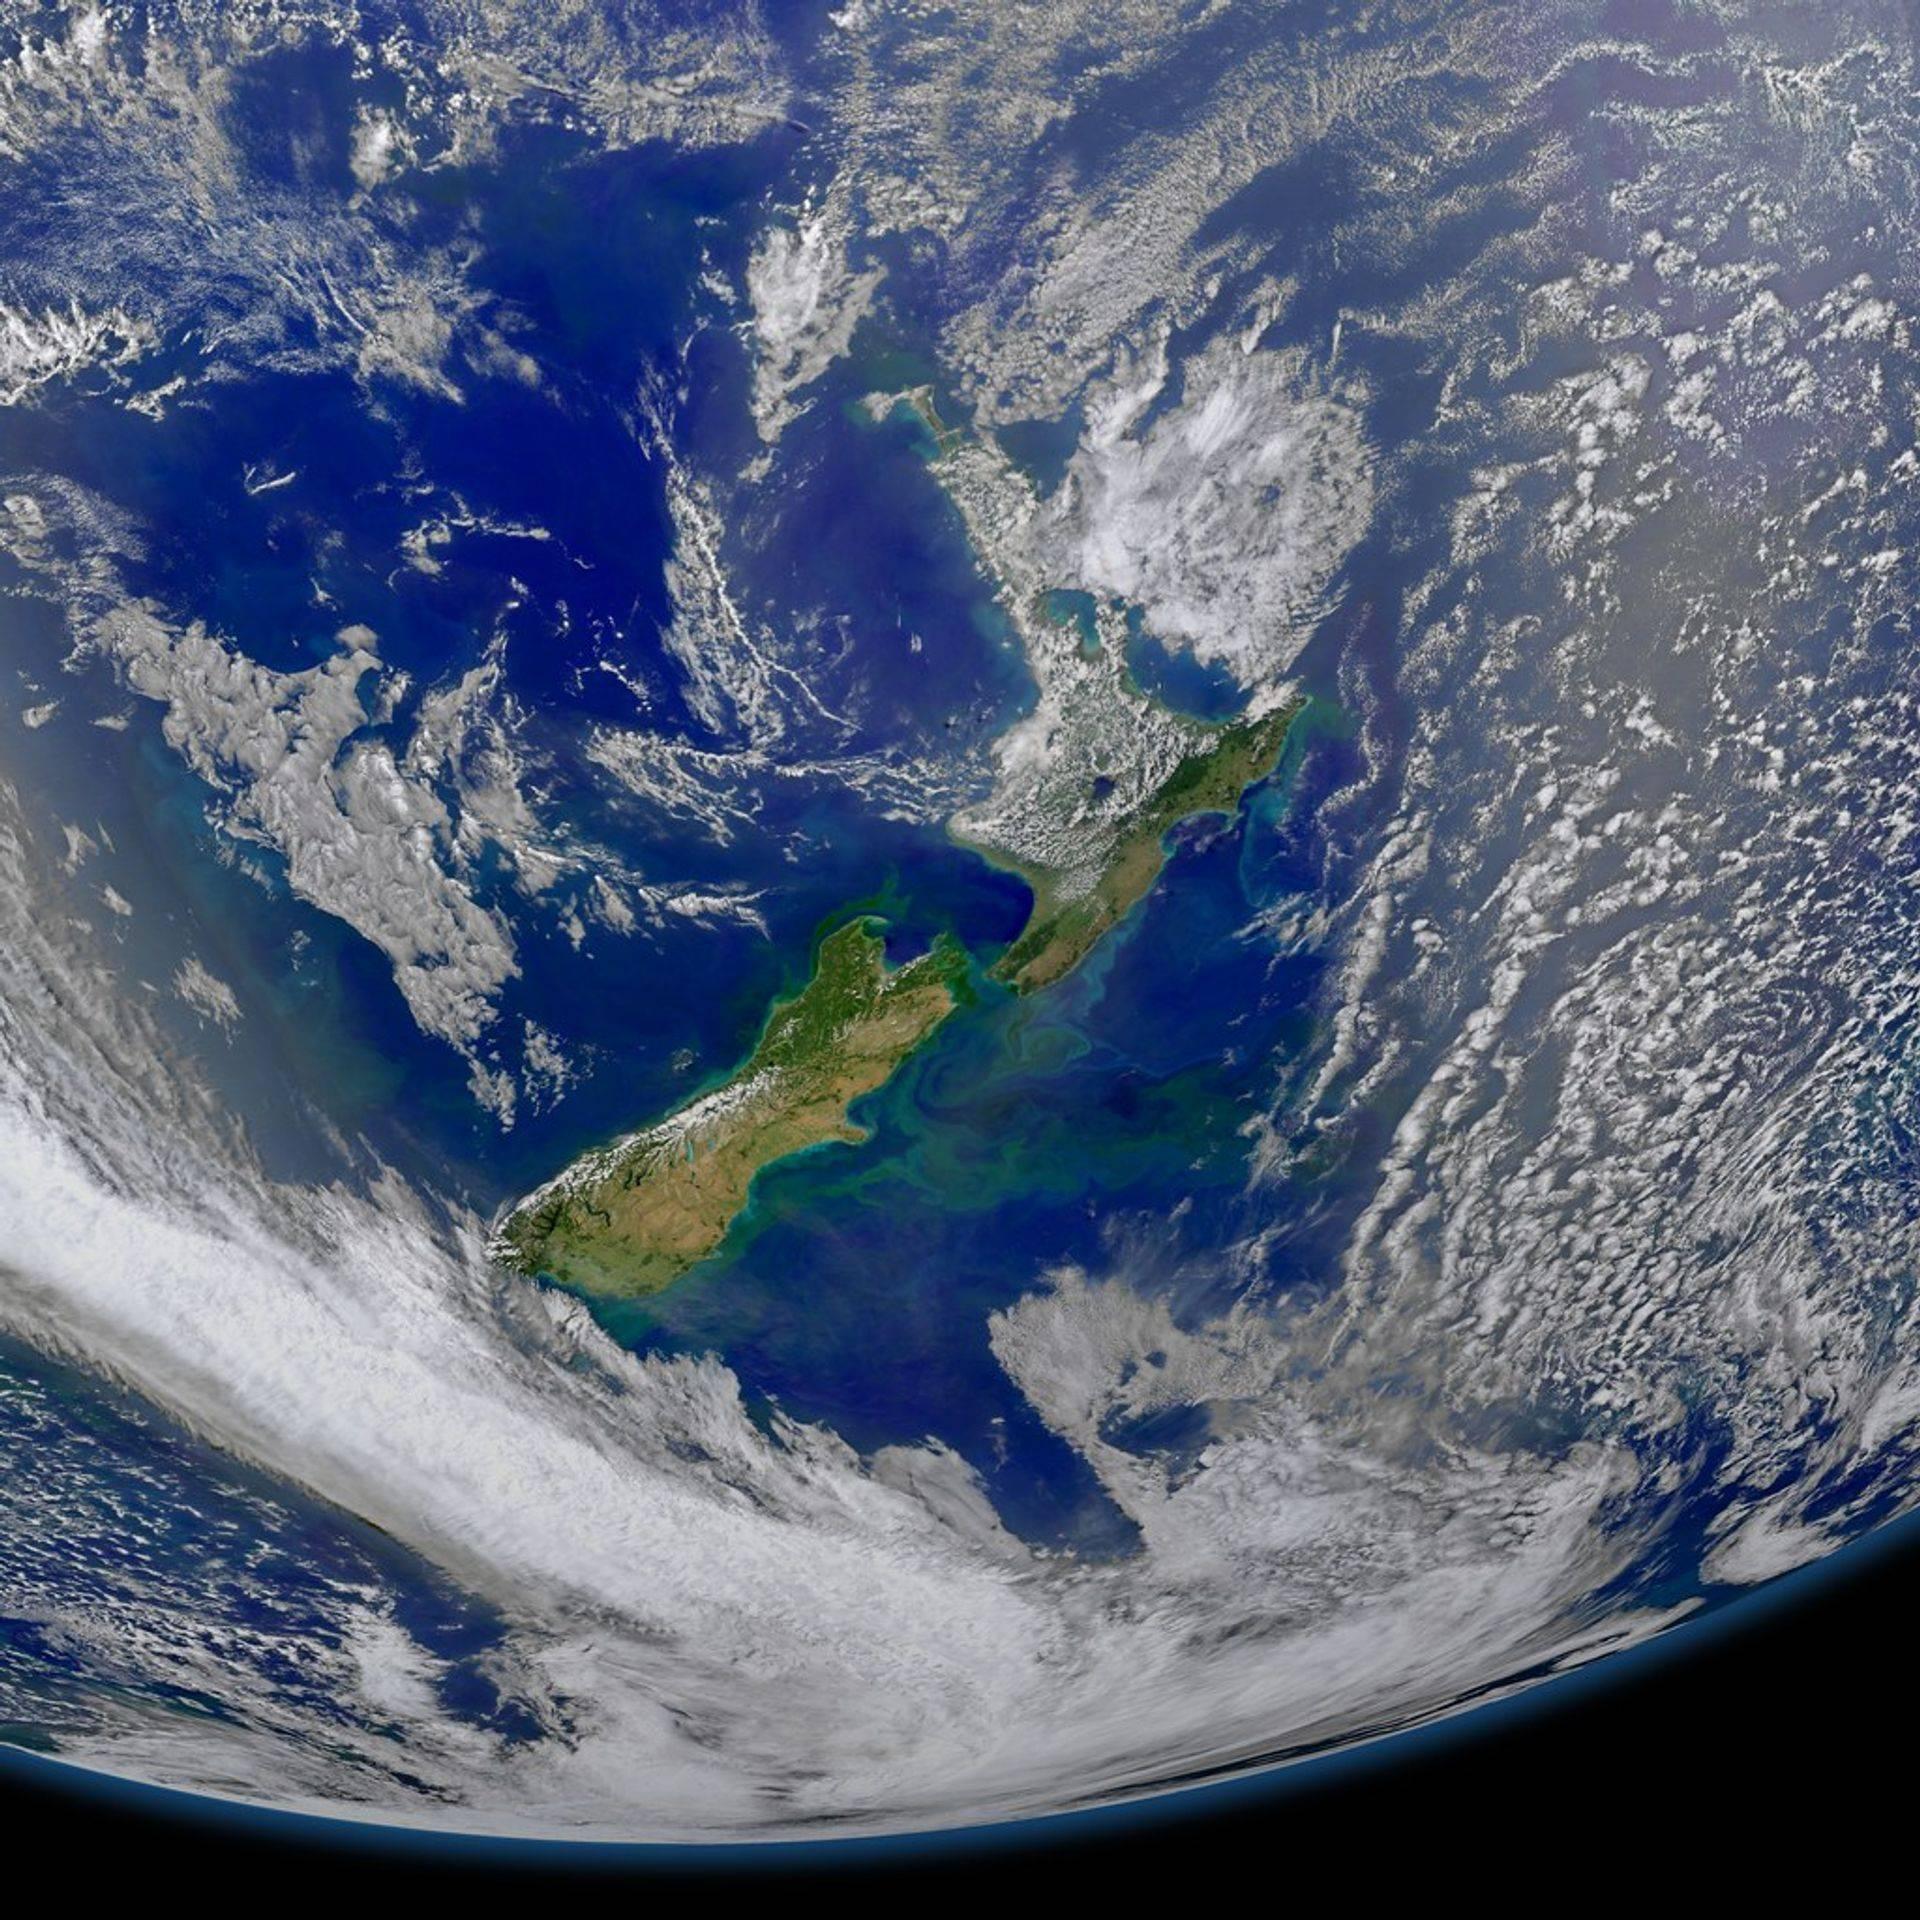 Satelite view of Taihape New Zealand